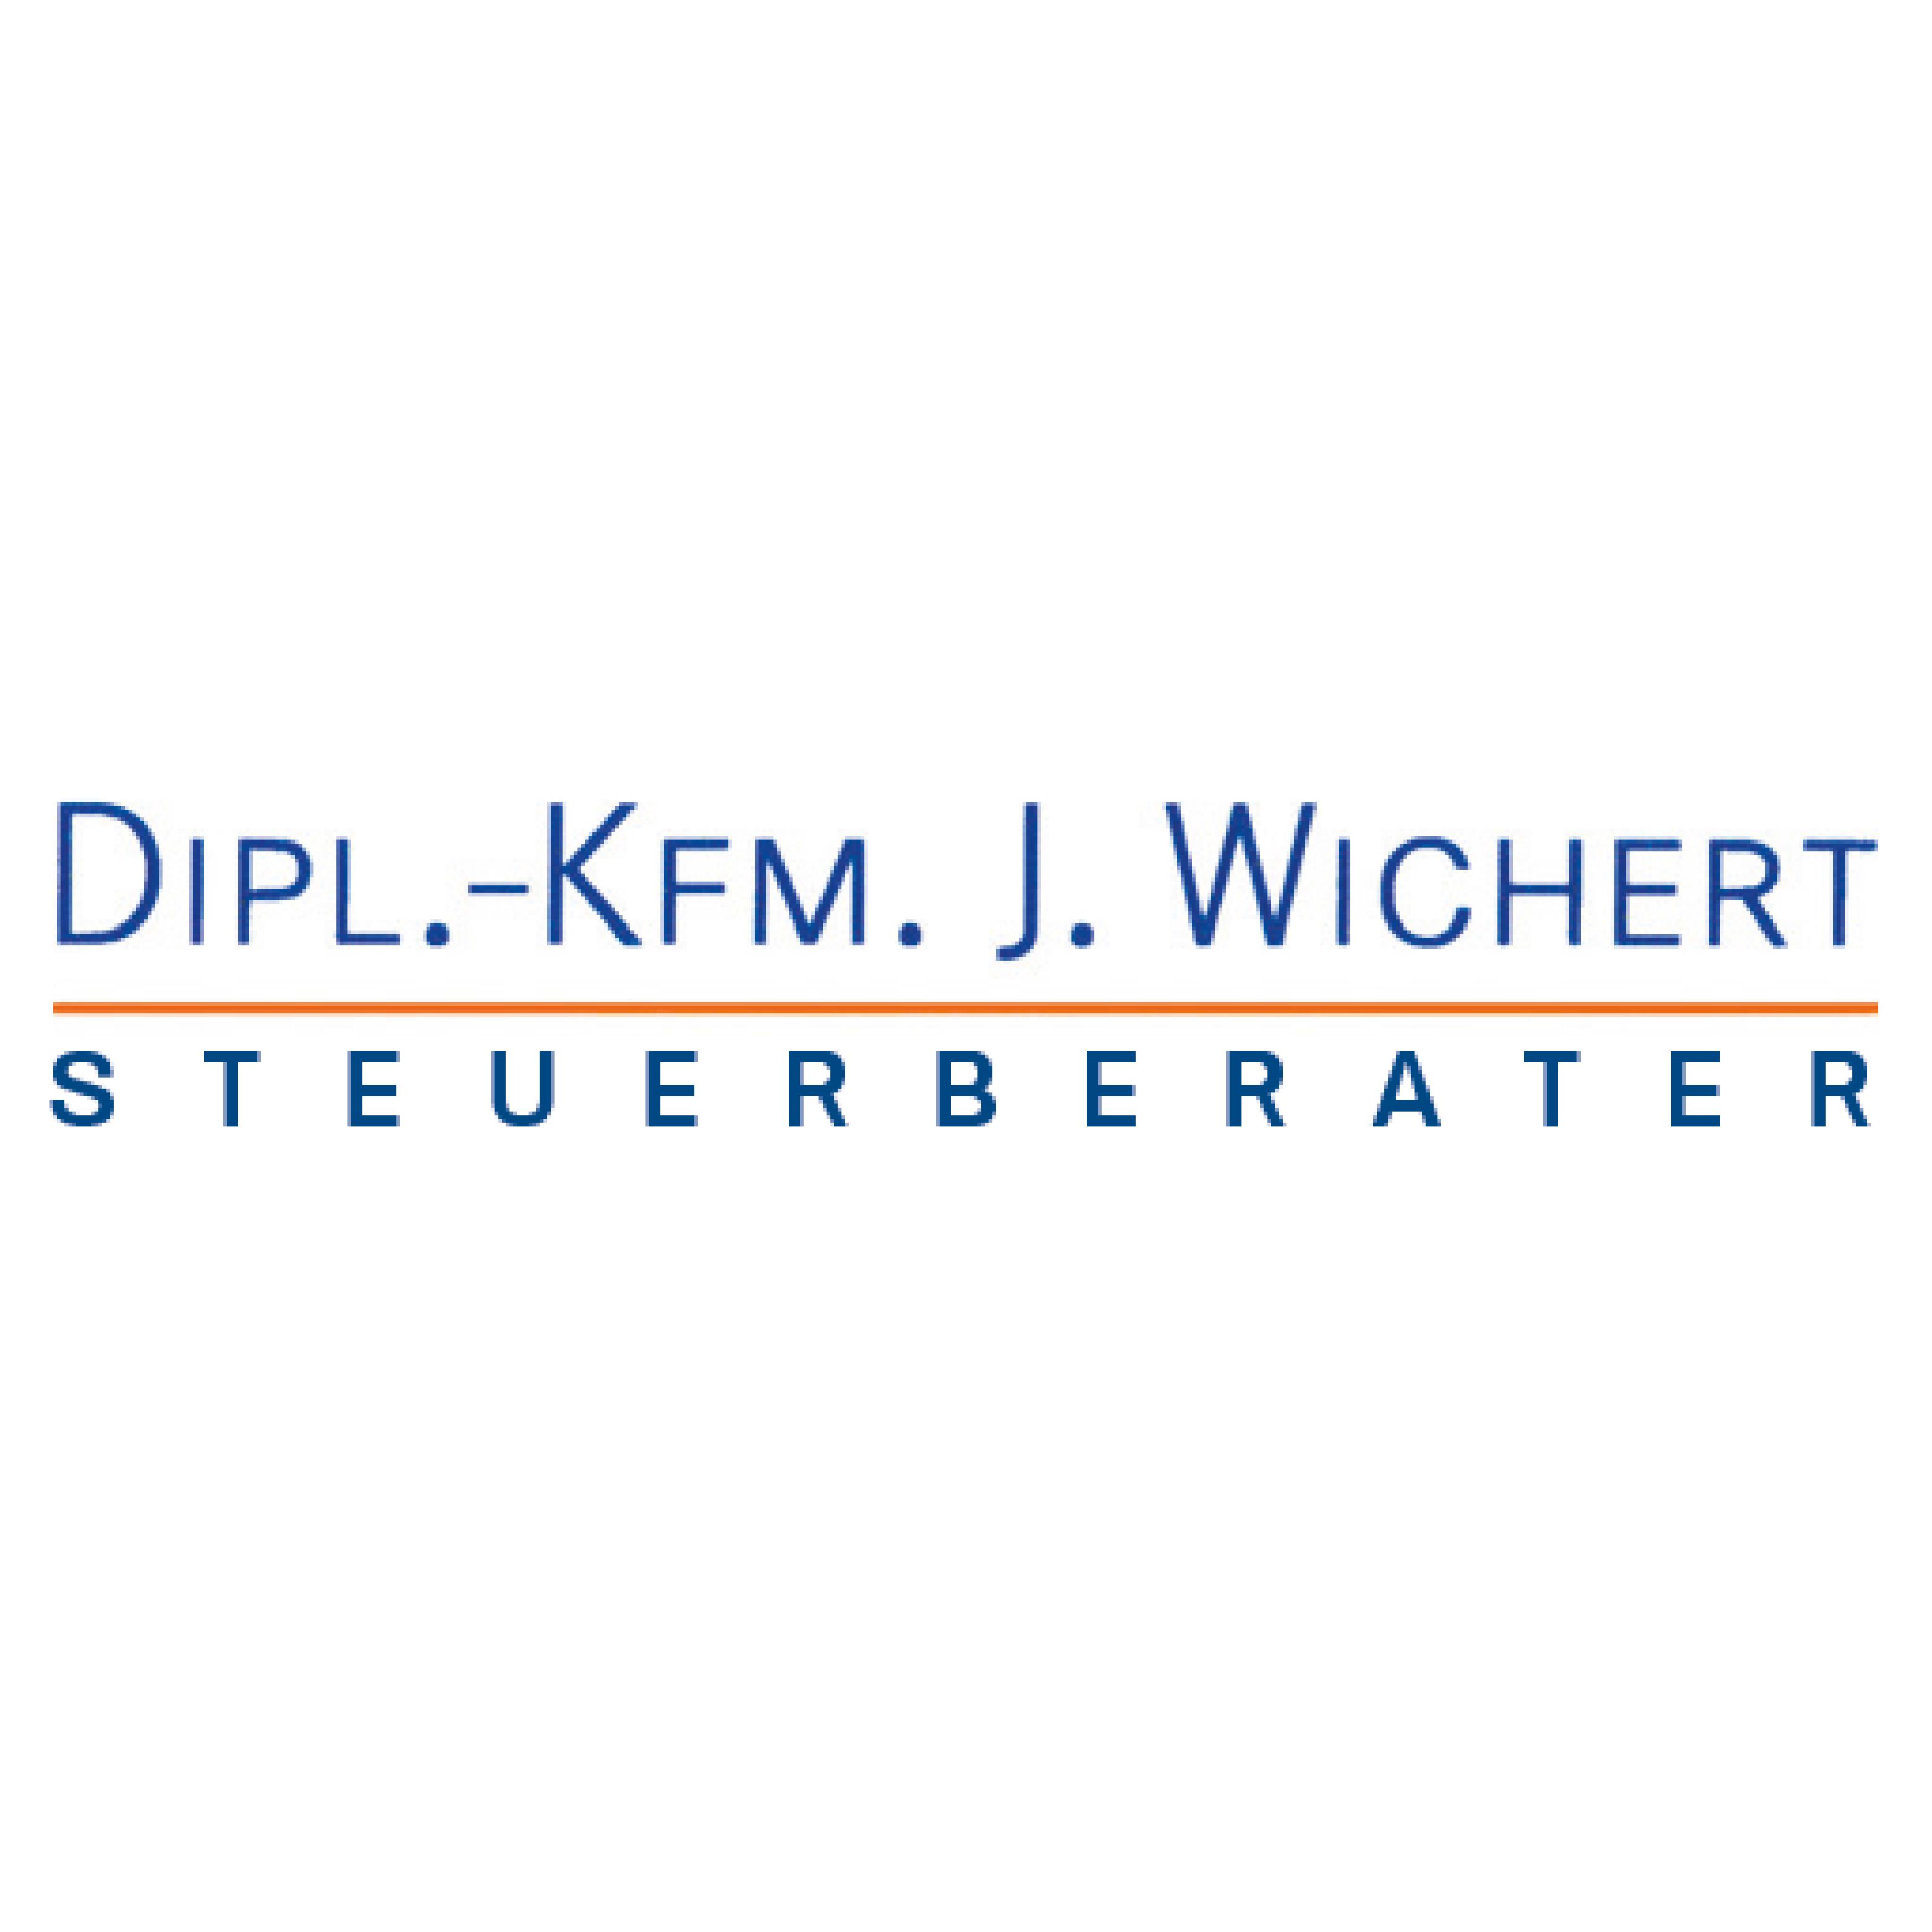 Bild zu Dipl.-Kfm. J. Wichert Steuerberater in Neu Isenburg